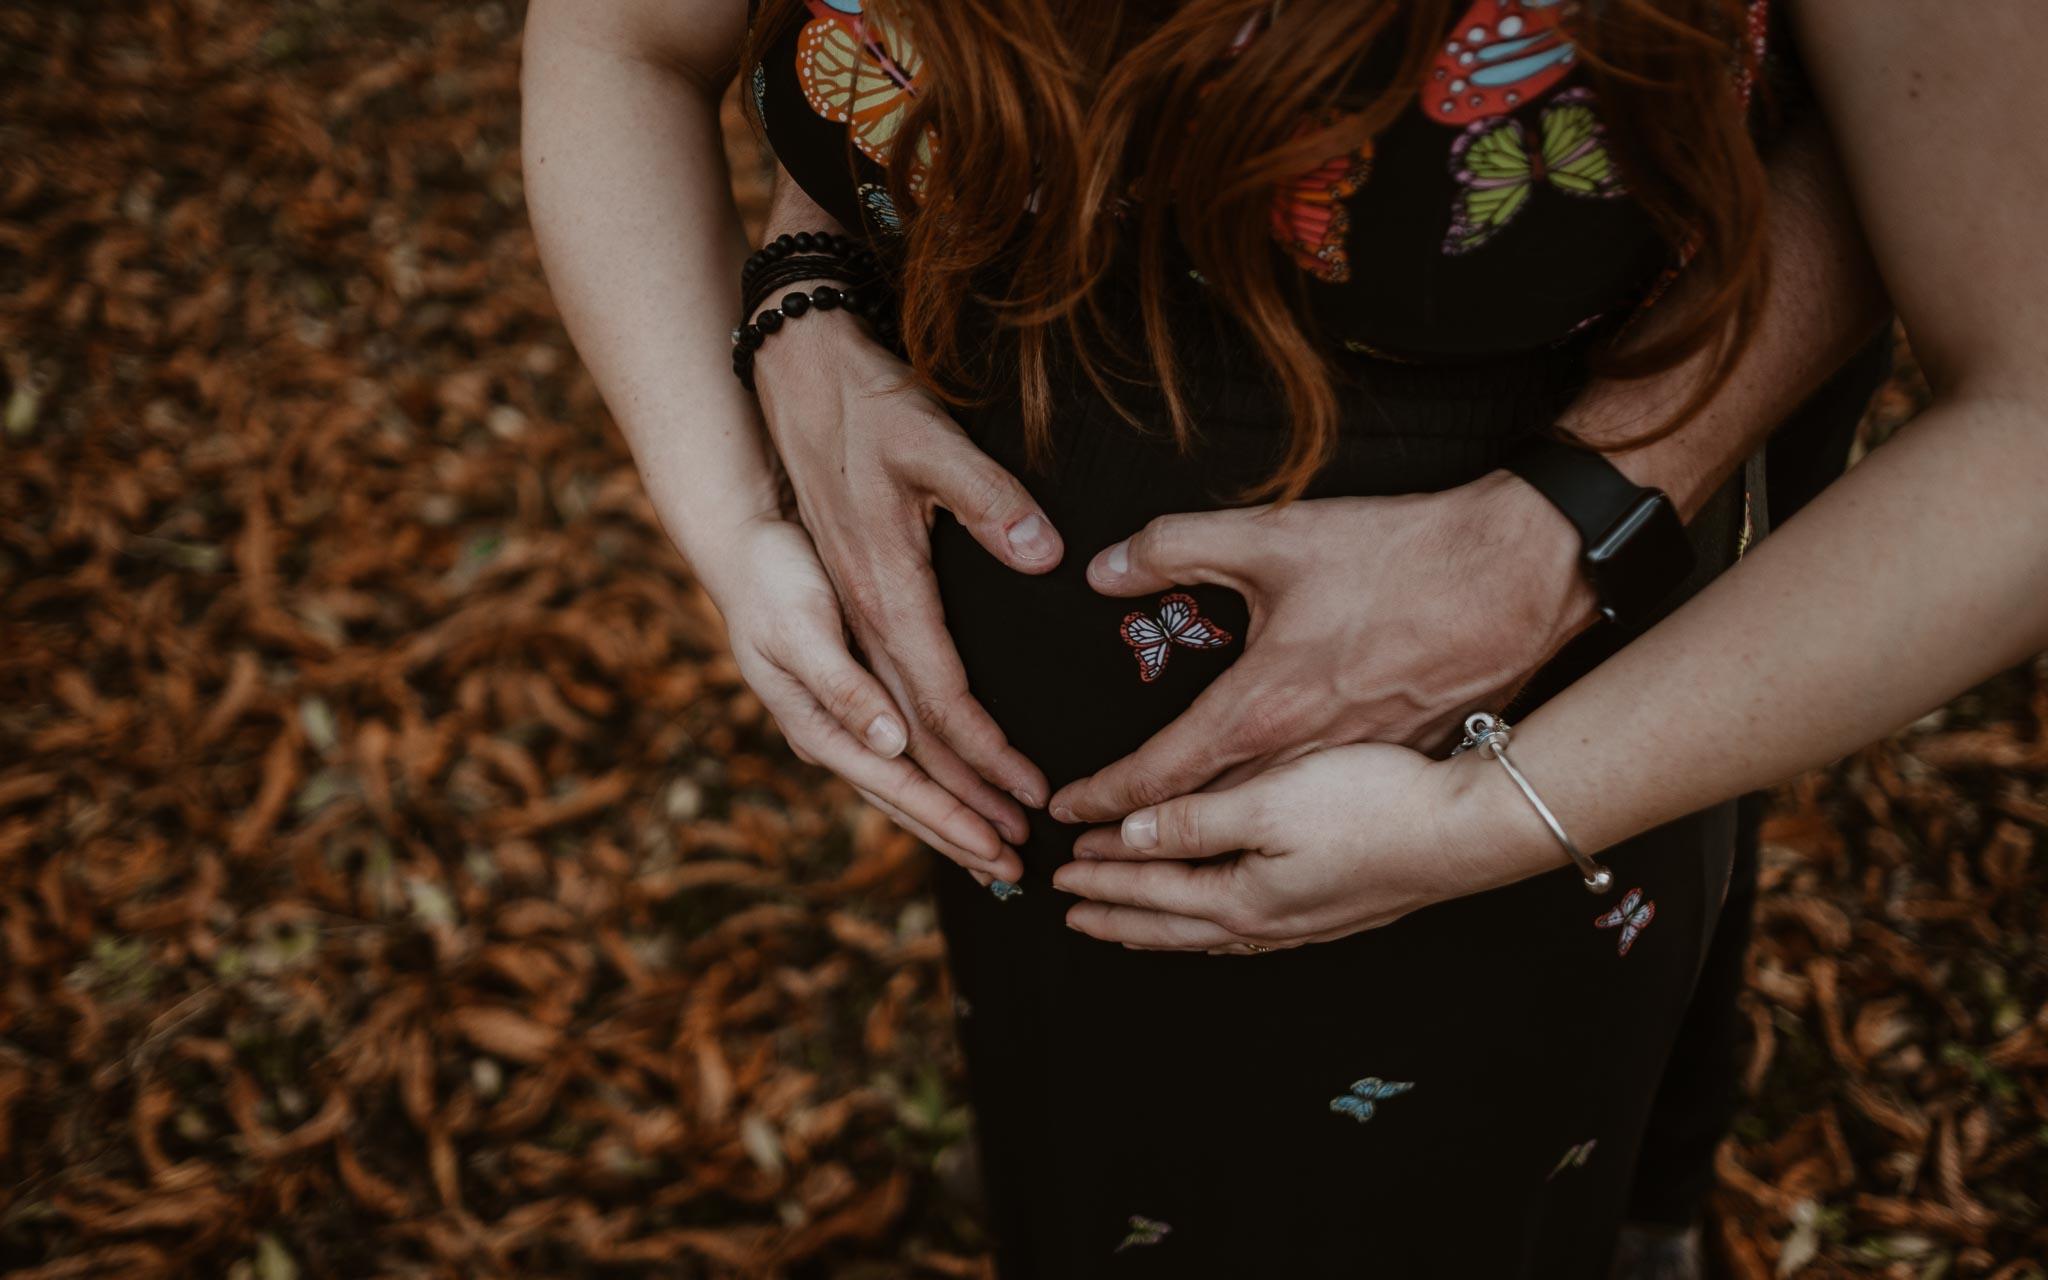 Séance photo de grossesse et famille en extérieur, à l'ambiance romantique, dans la forêt et au bord de l'eau par Geoffrey Arnoldy photographe